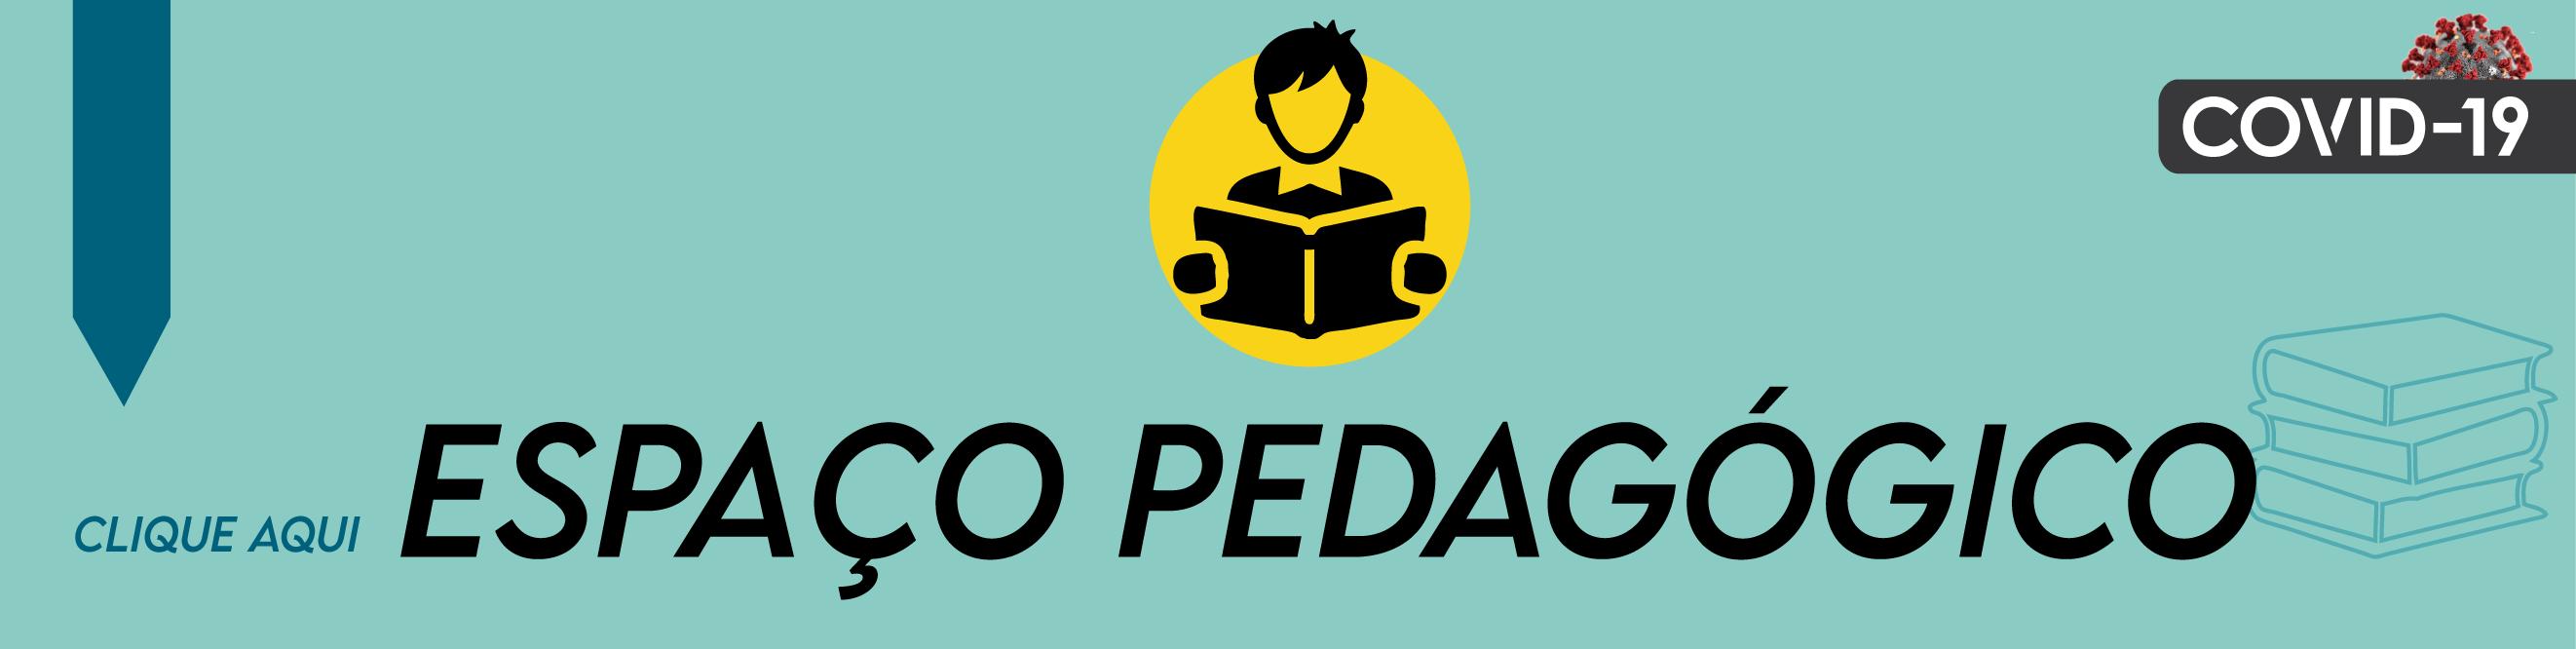 Espaço Pedagógico